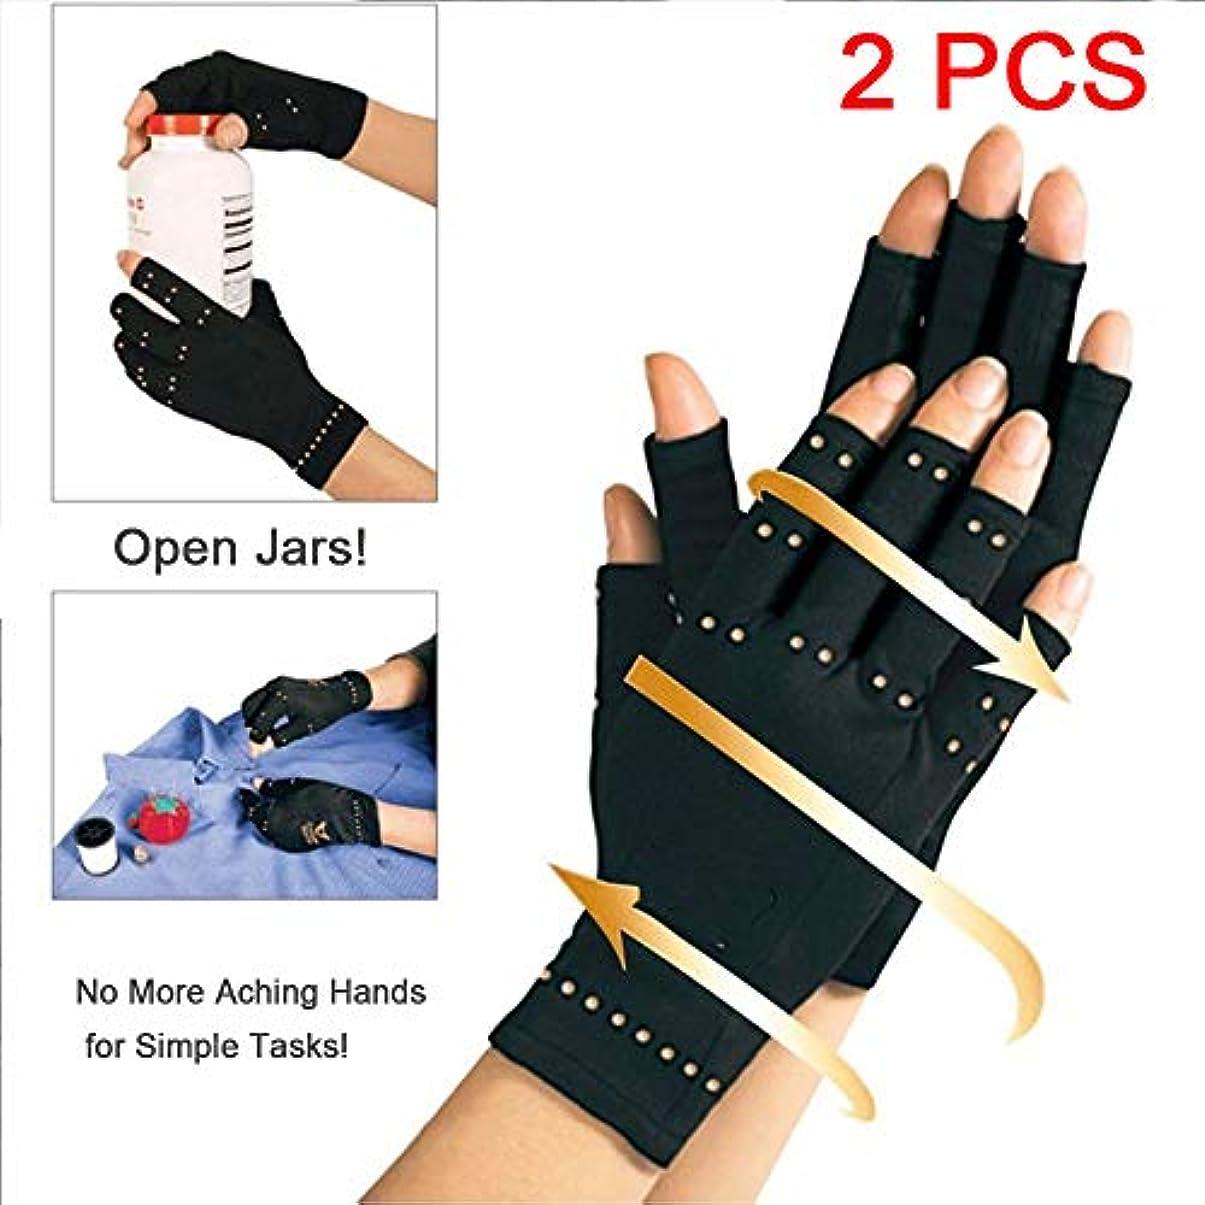 勇気バルコニー印象的な銅圧縮関節炎手袋 圧縮関節炎グローブ理学療法ハーフフィンガーグローブは、リウマチの痛みを軽減し、筋肉の緊張を和らげます(2 PCS)